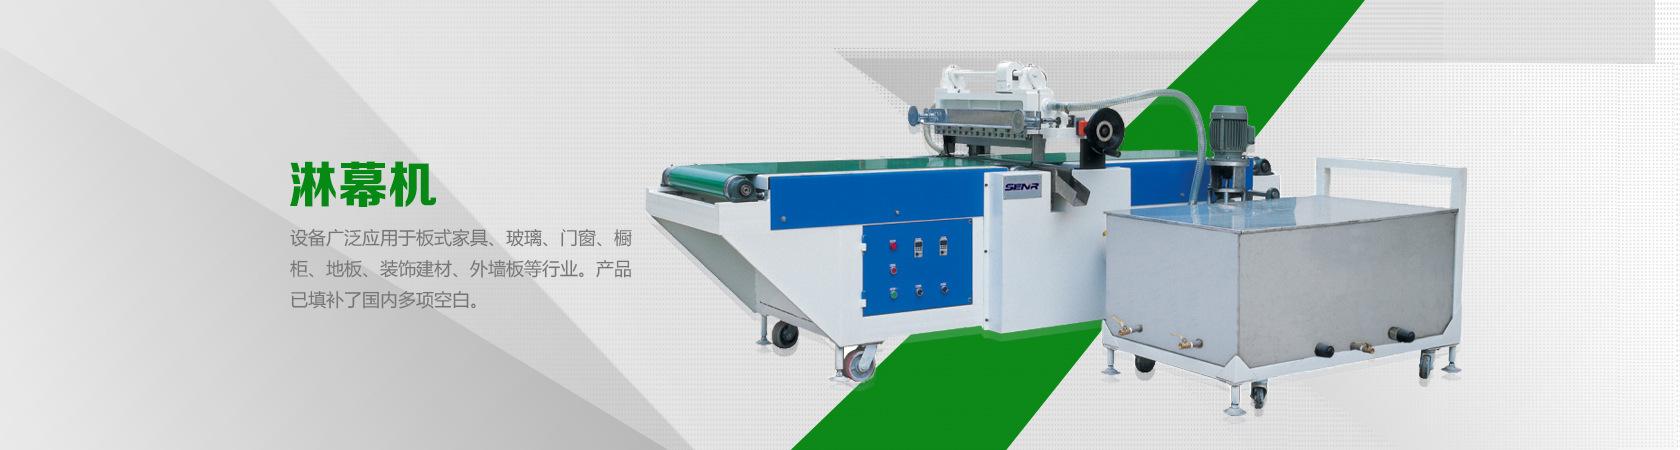 冷光源光固化机_森人机械大量销售滚涂机uv光固化机滚漆线。